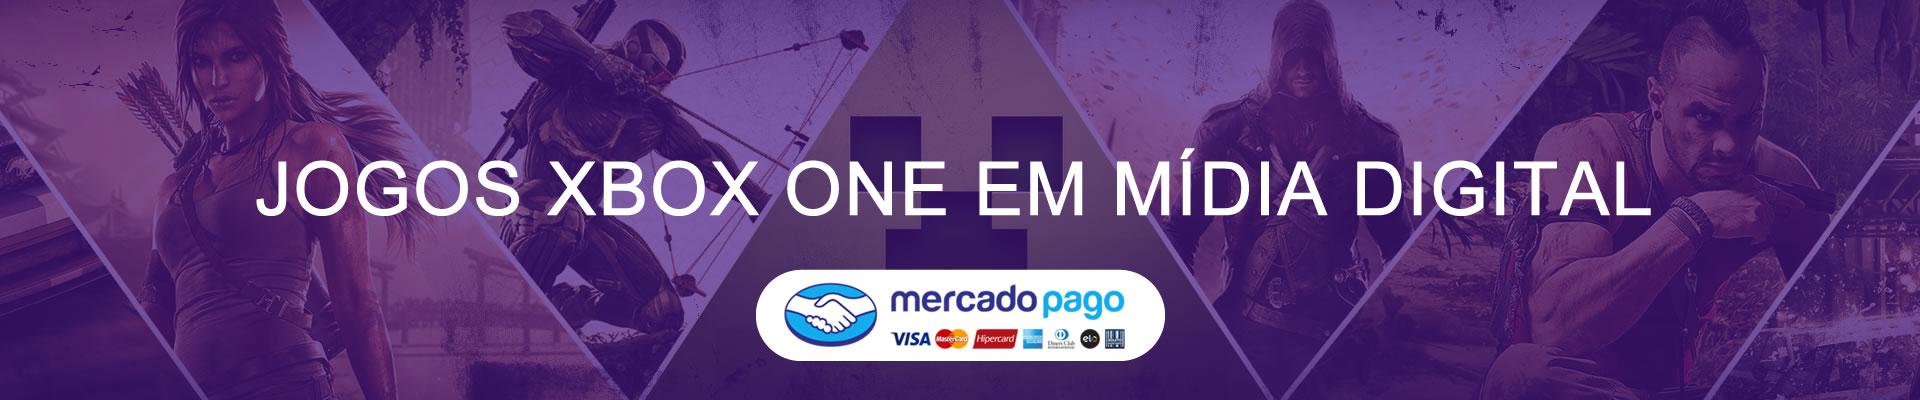 jogos-xbox-one-midia-digital